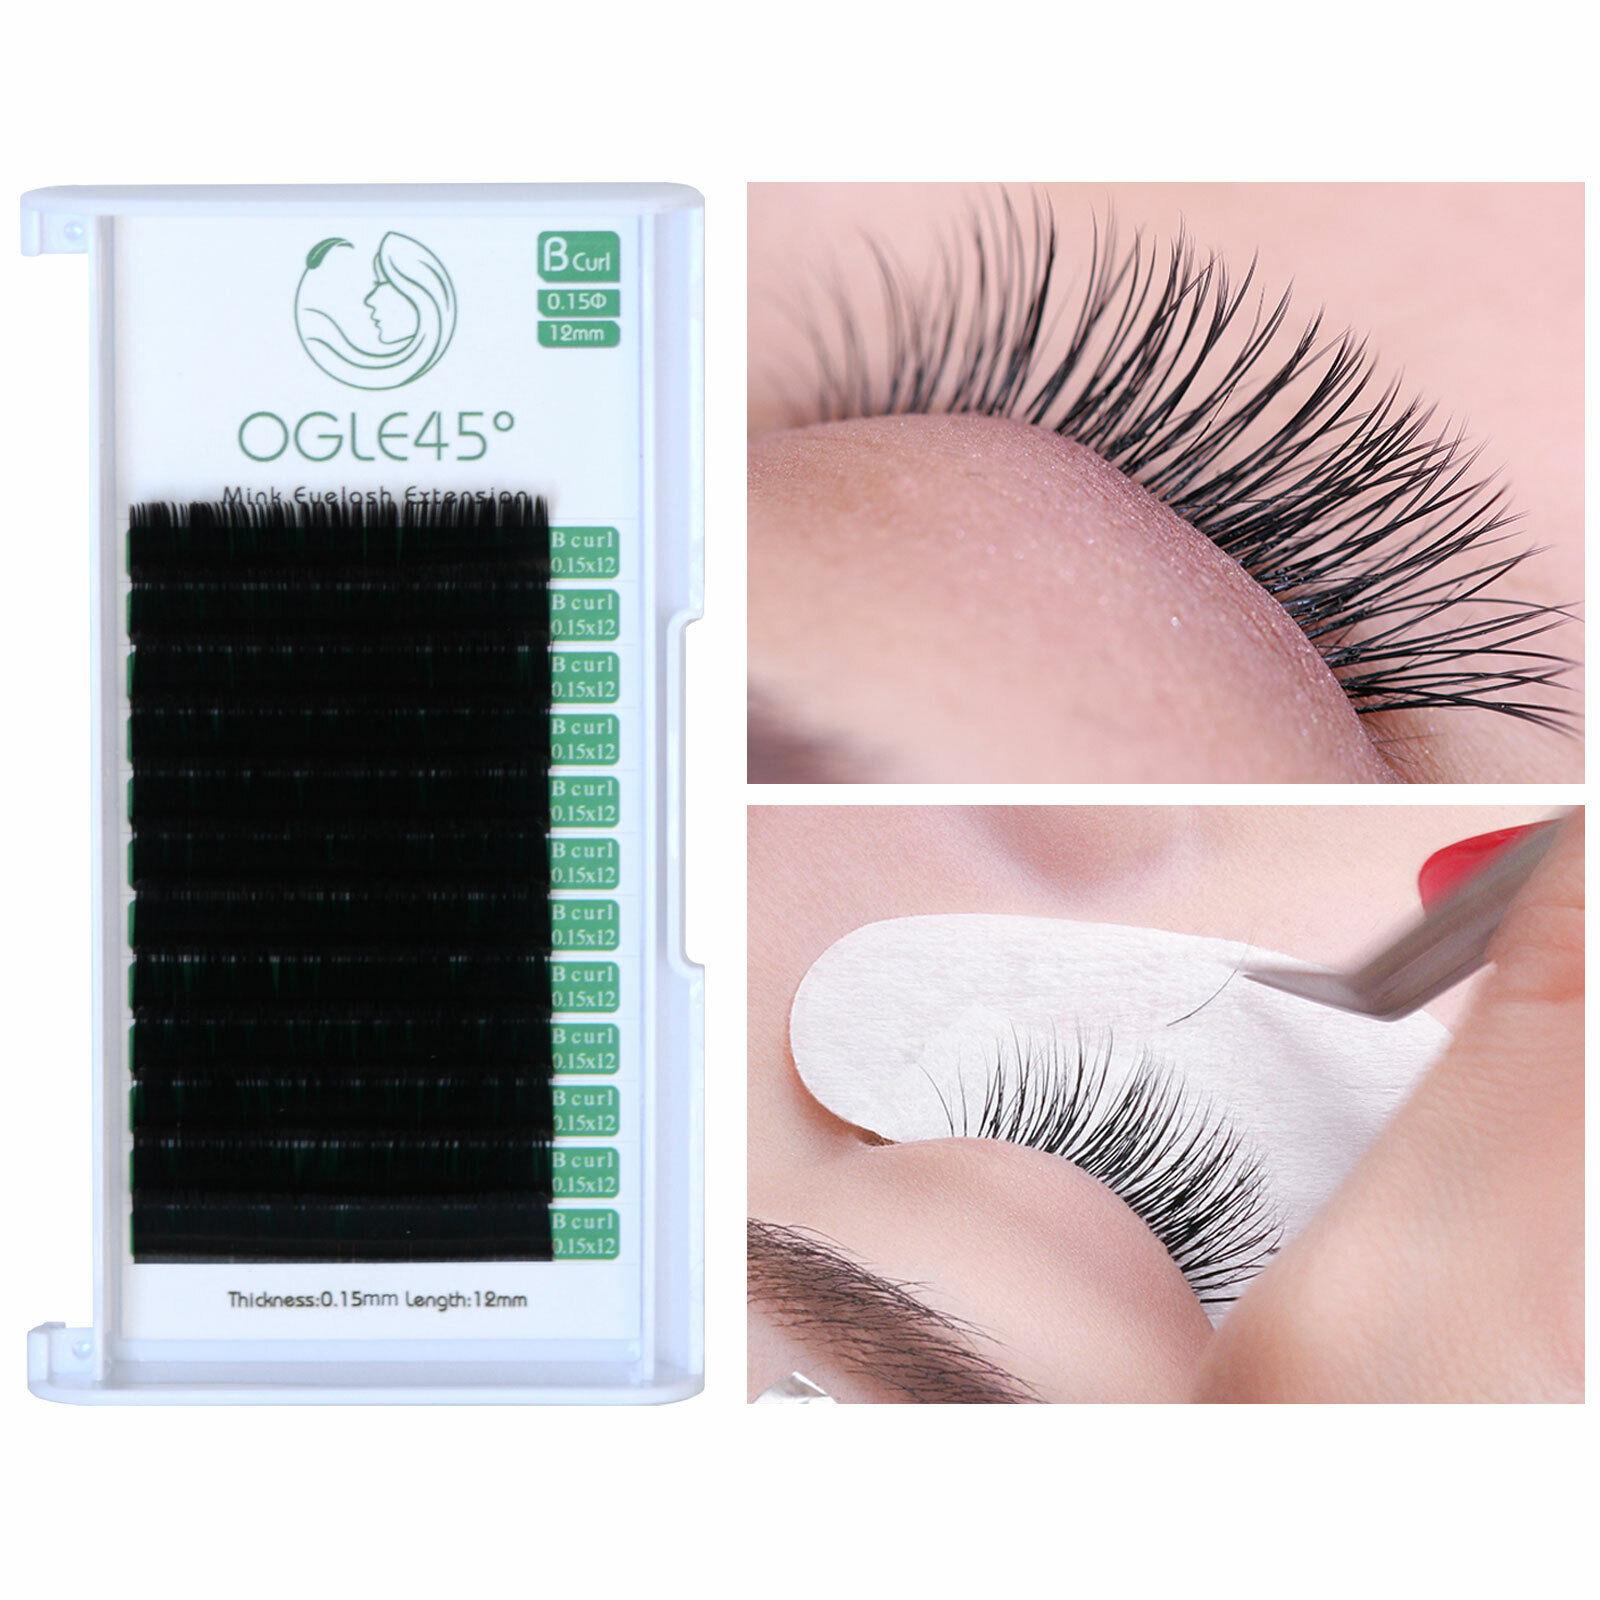 OGLE45° Luxury Volume Lashes B Individual Eyelash Extension